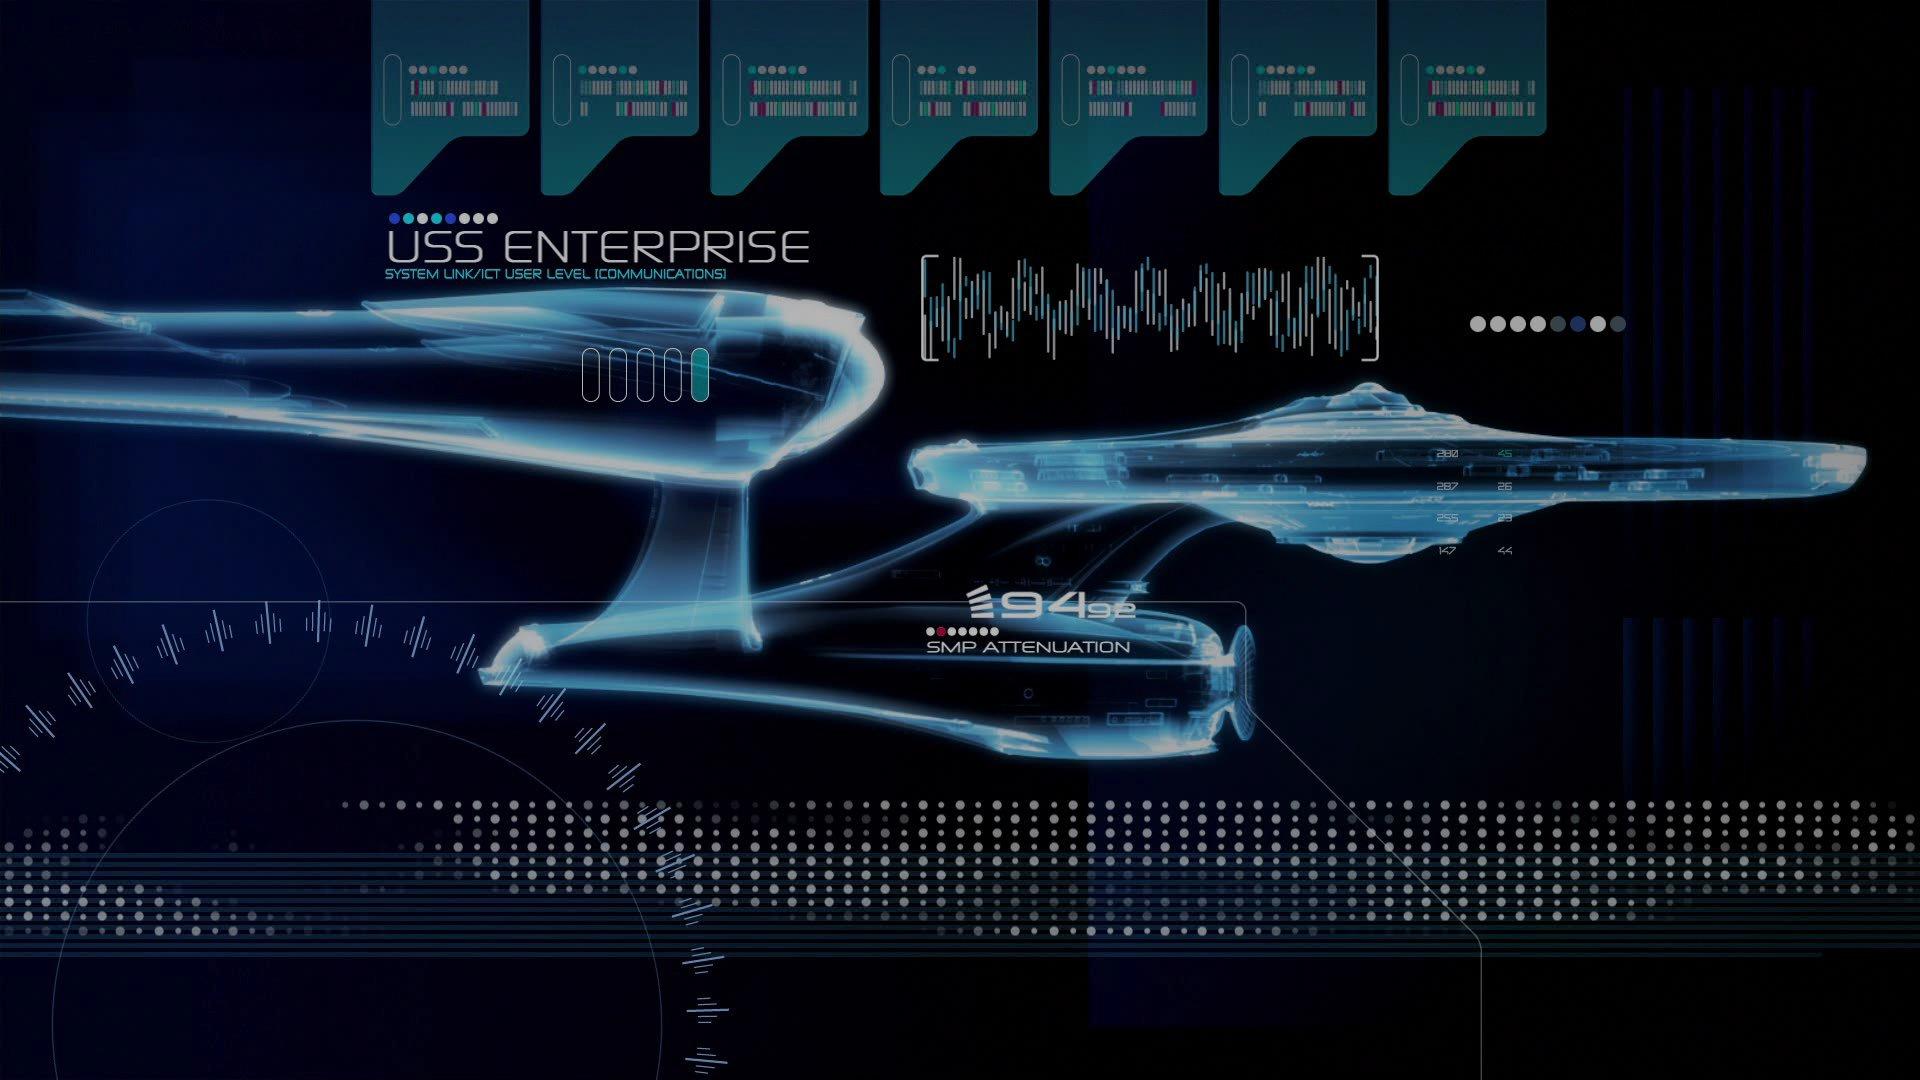 enterprise e wallpaper hd - photo #38